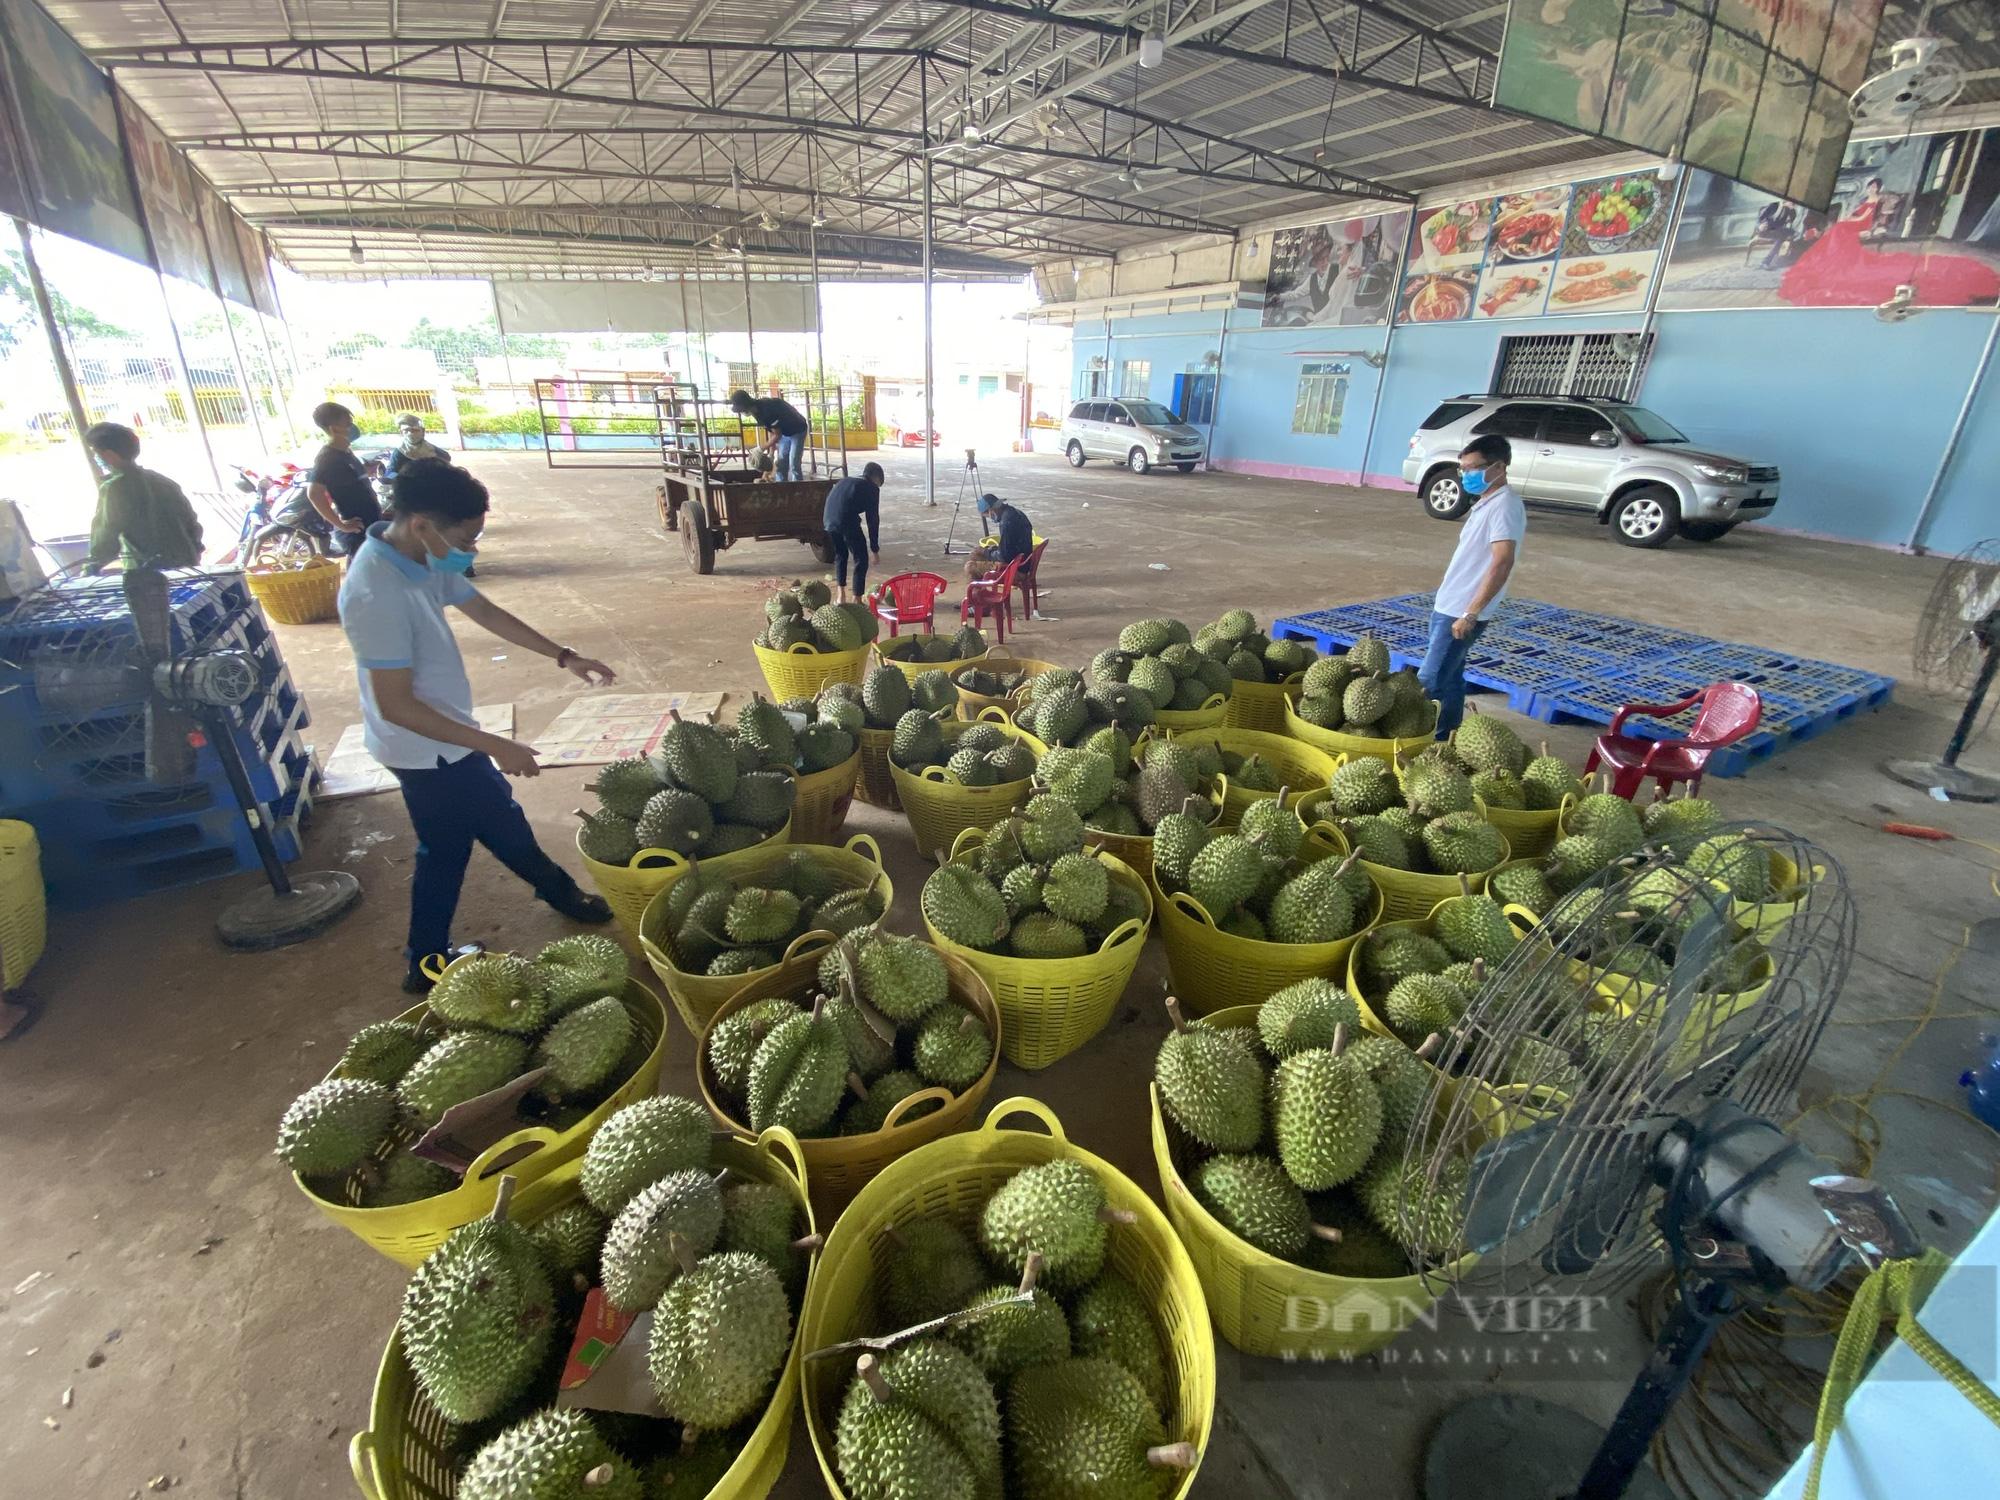 Đắk Lắk: Tìm hướng tiêu thụ nông sản trong dịch Covid-19 - Ảnh 1.